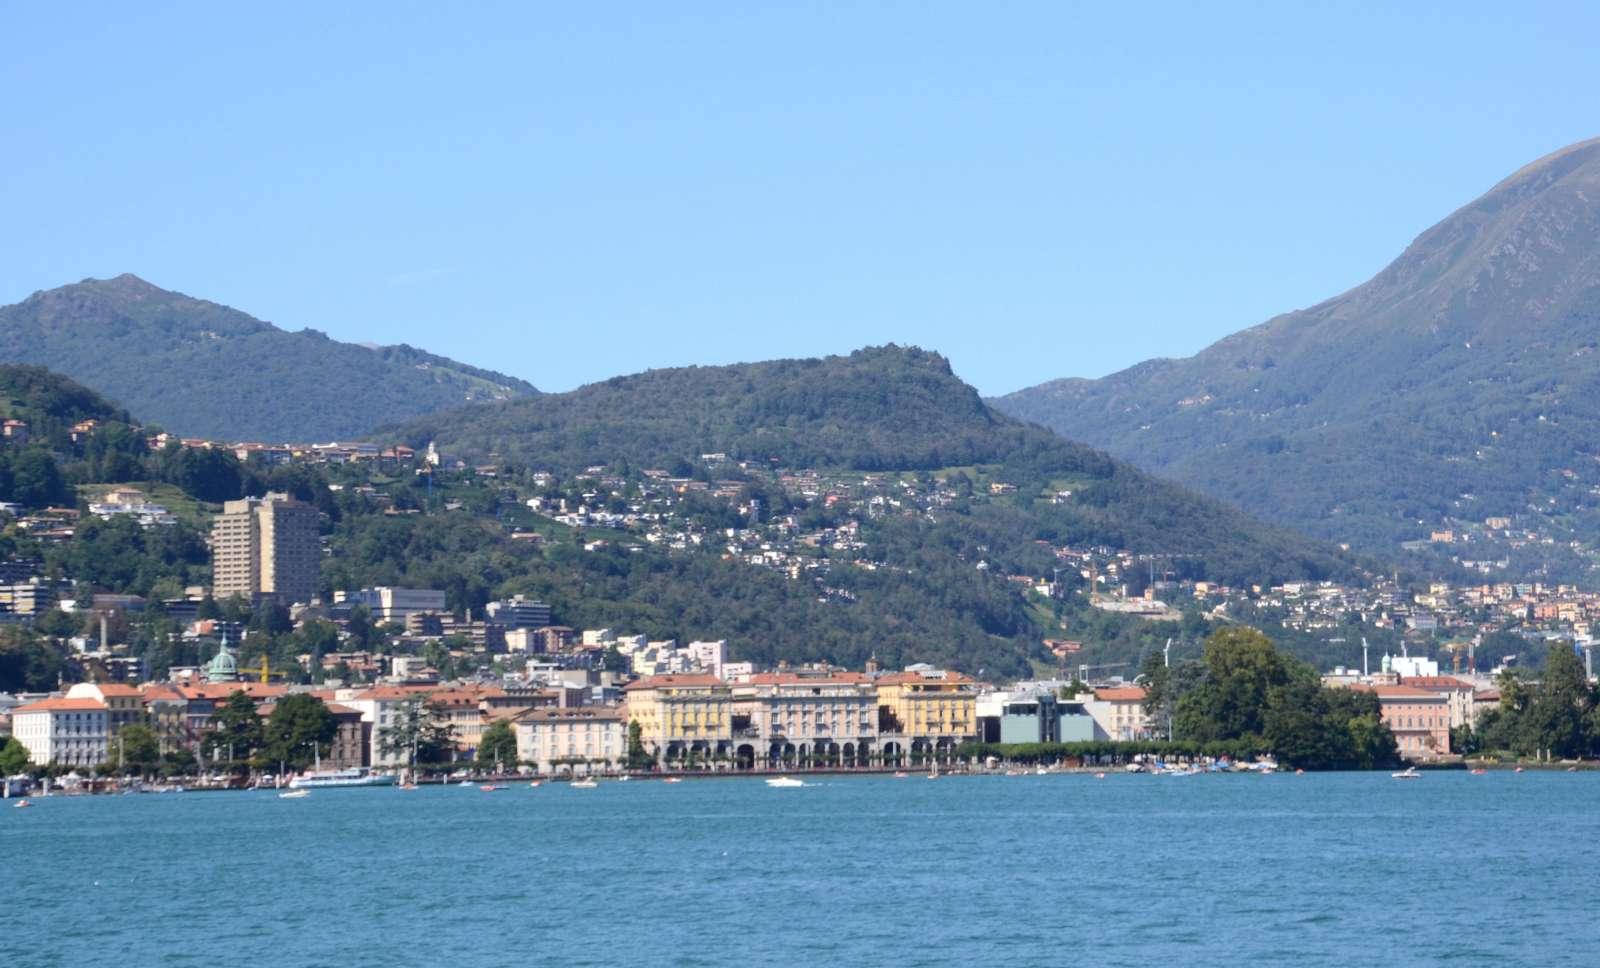 Die Stadt Lugano in der Schweiz